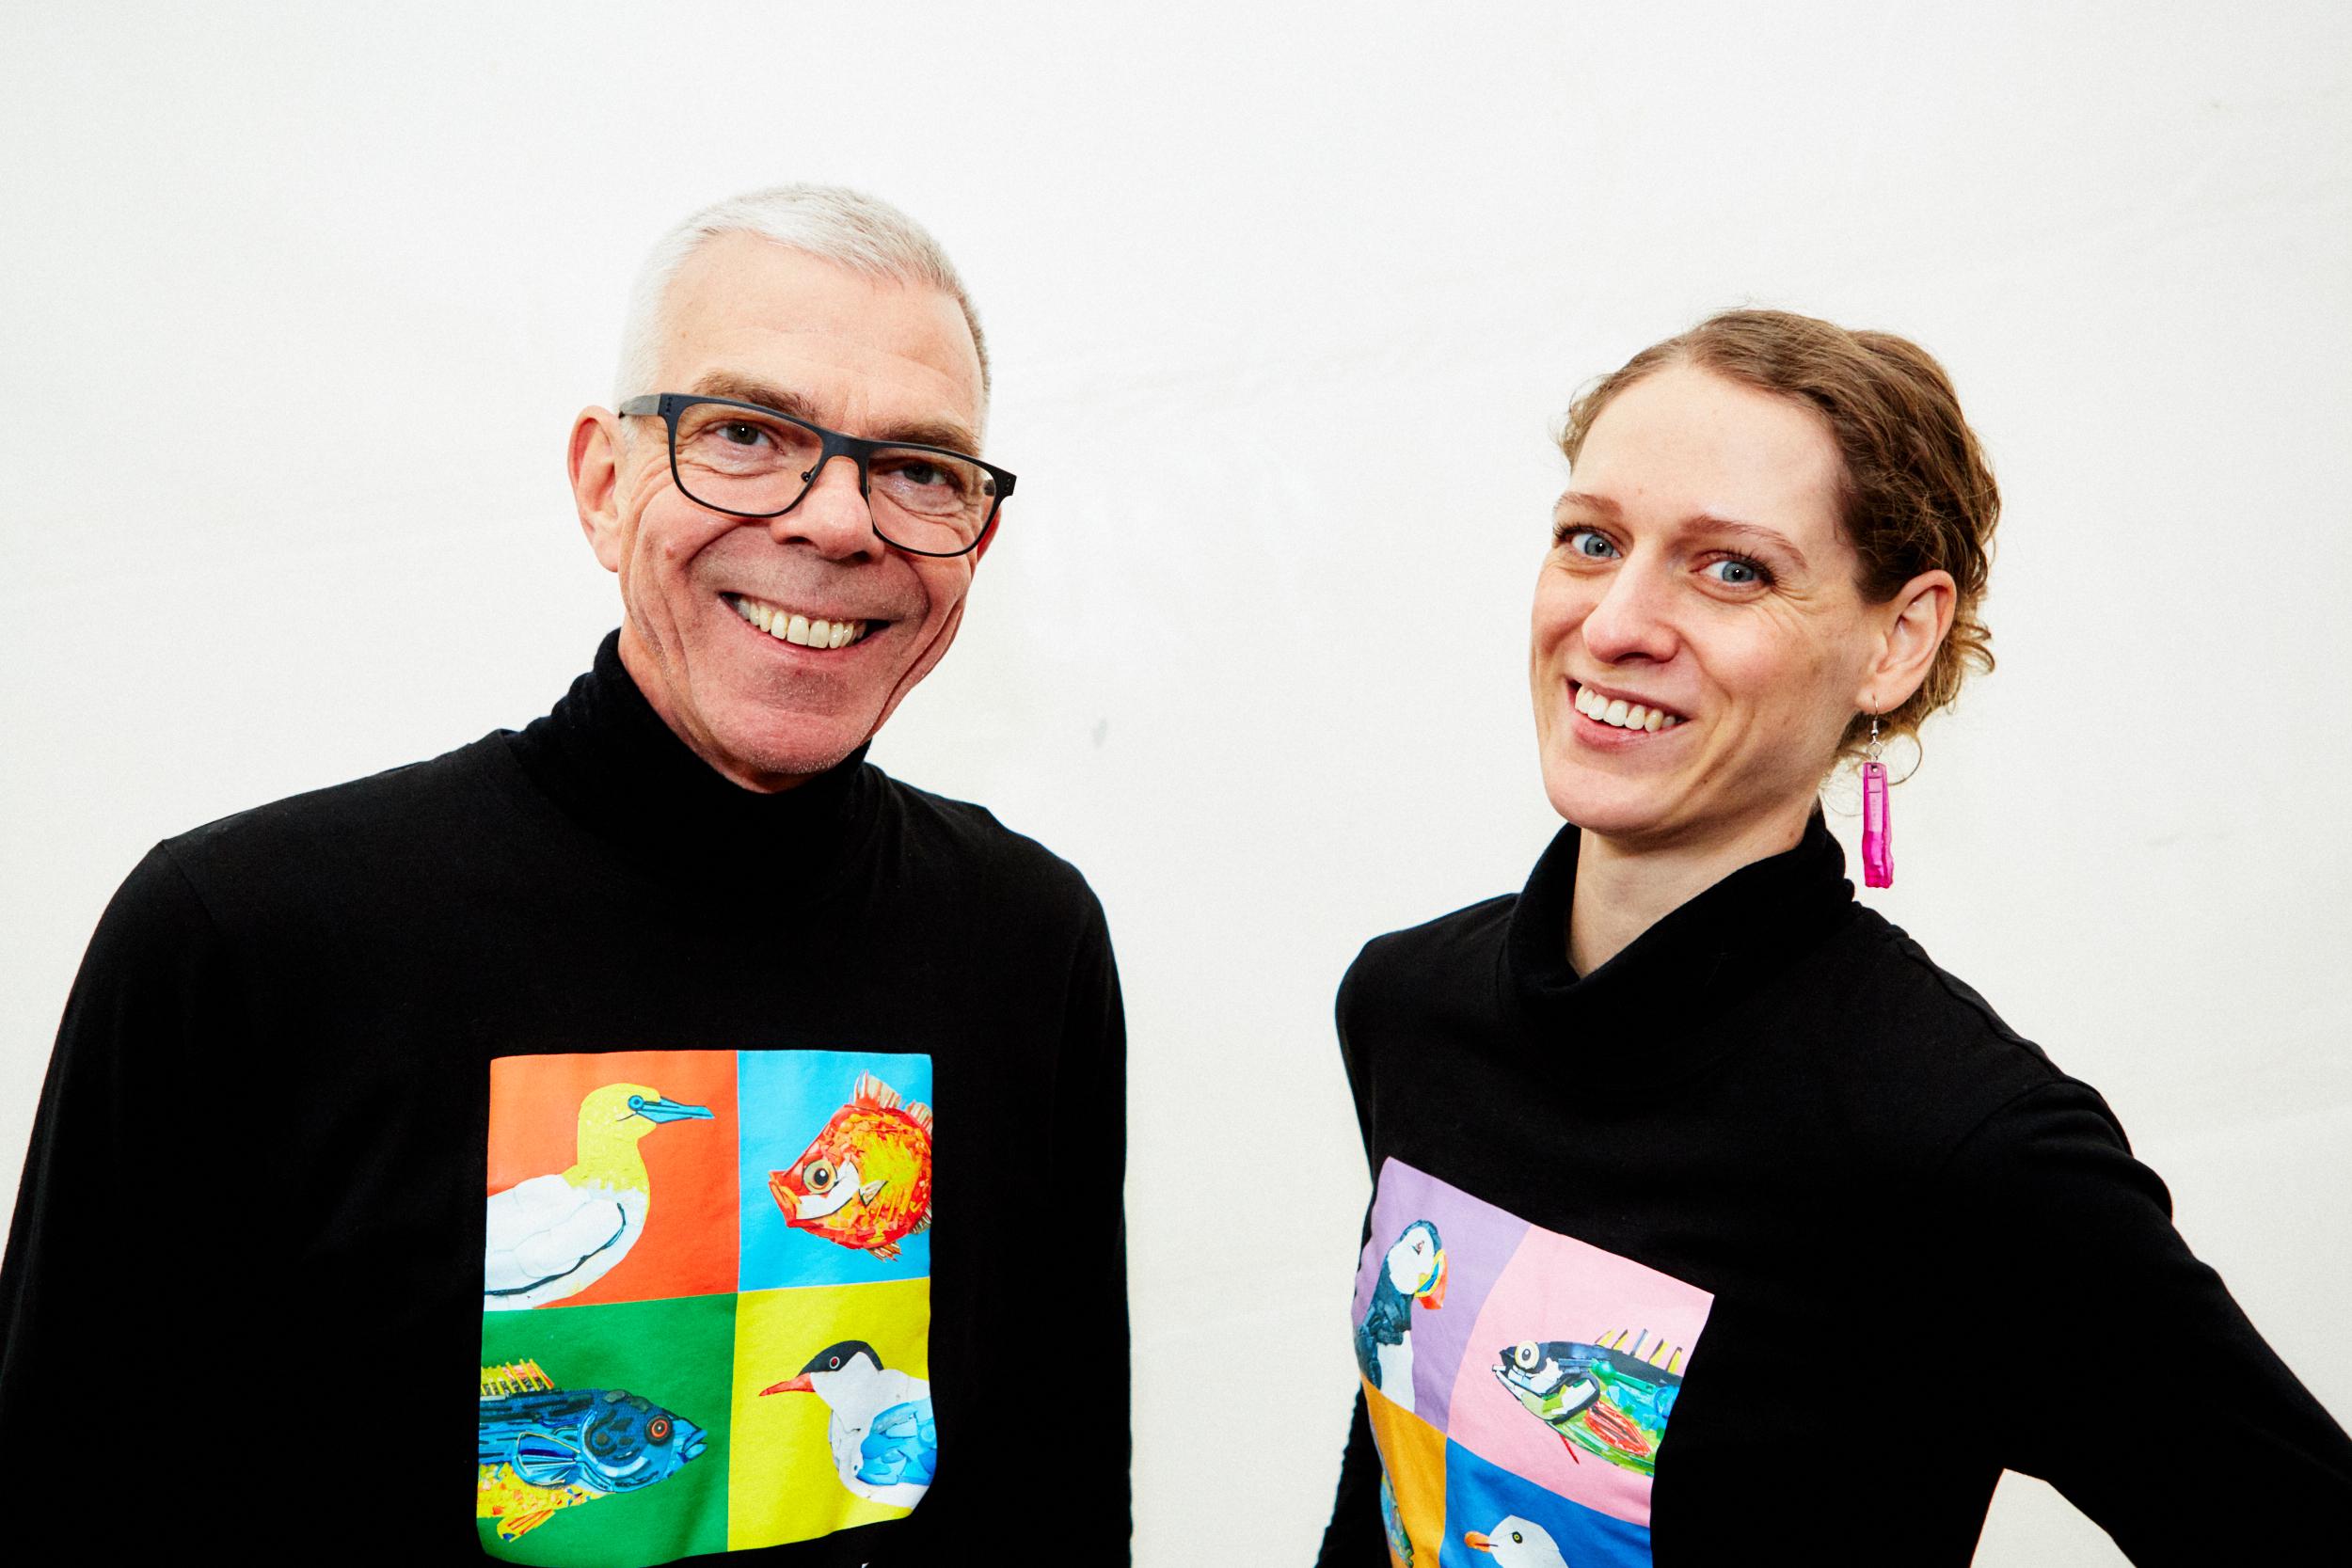 Foto; Lars Opstad / Kulturtanken.